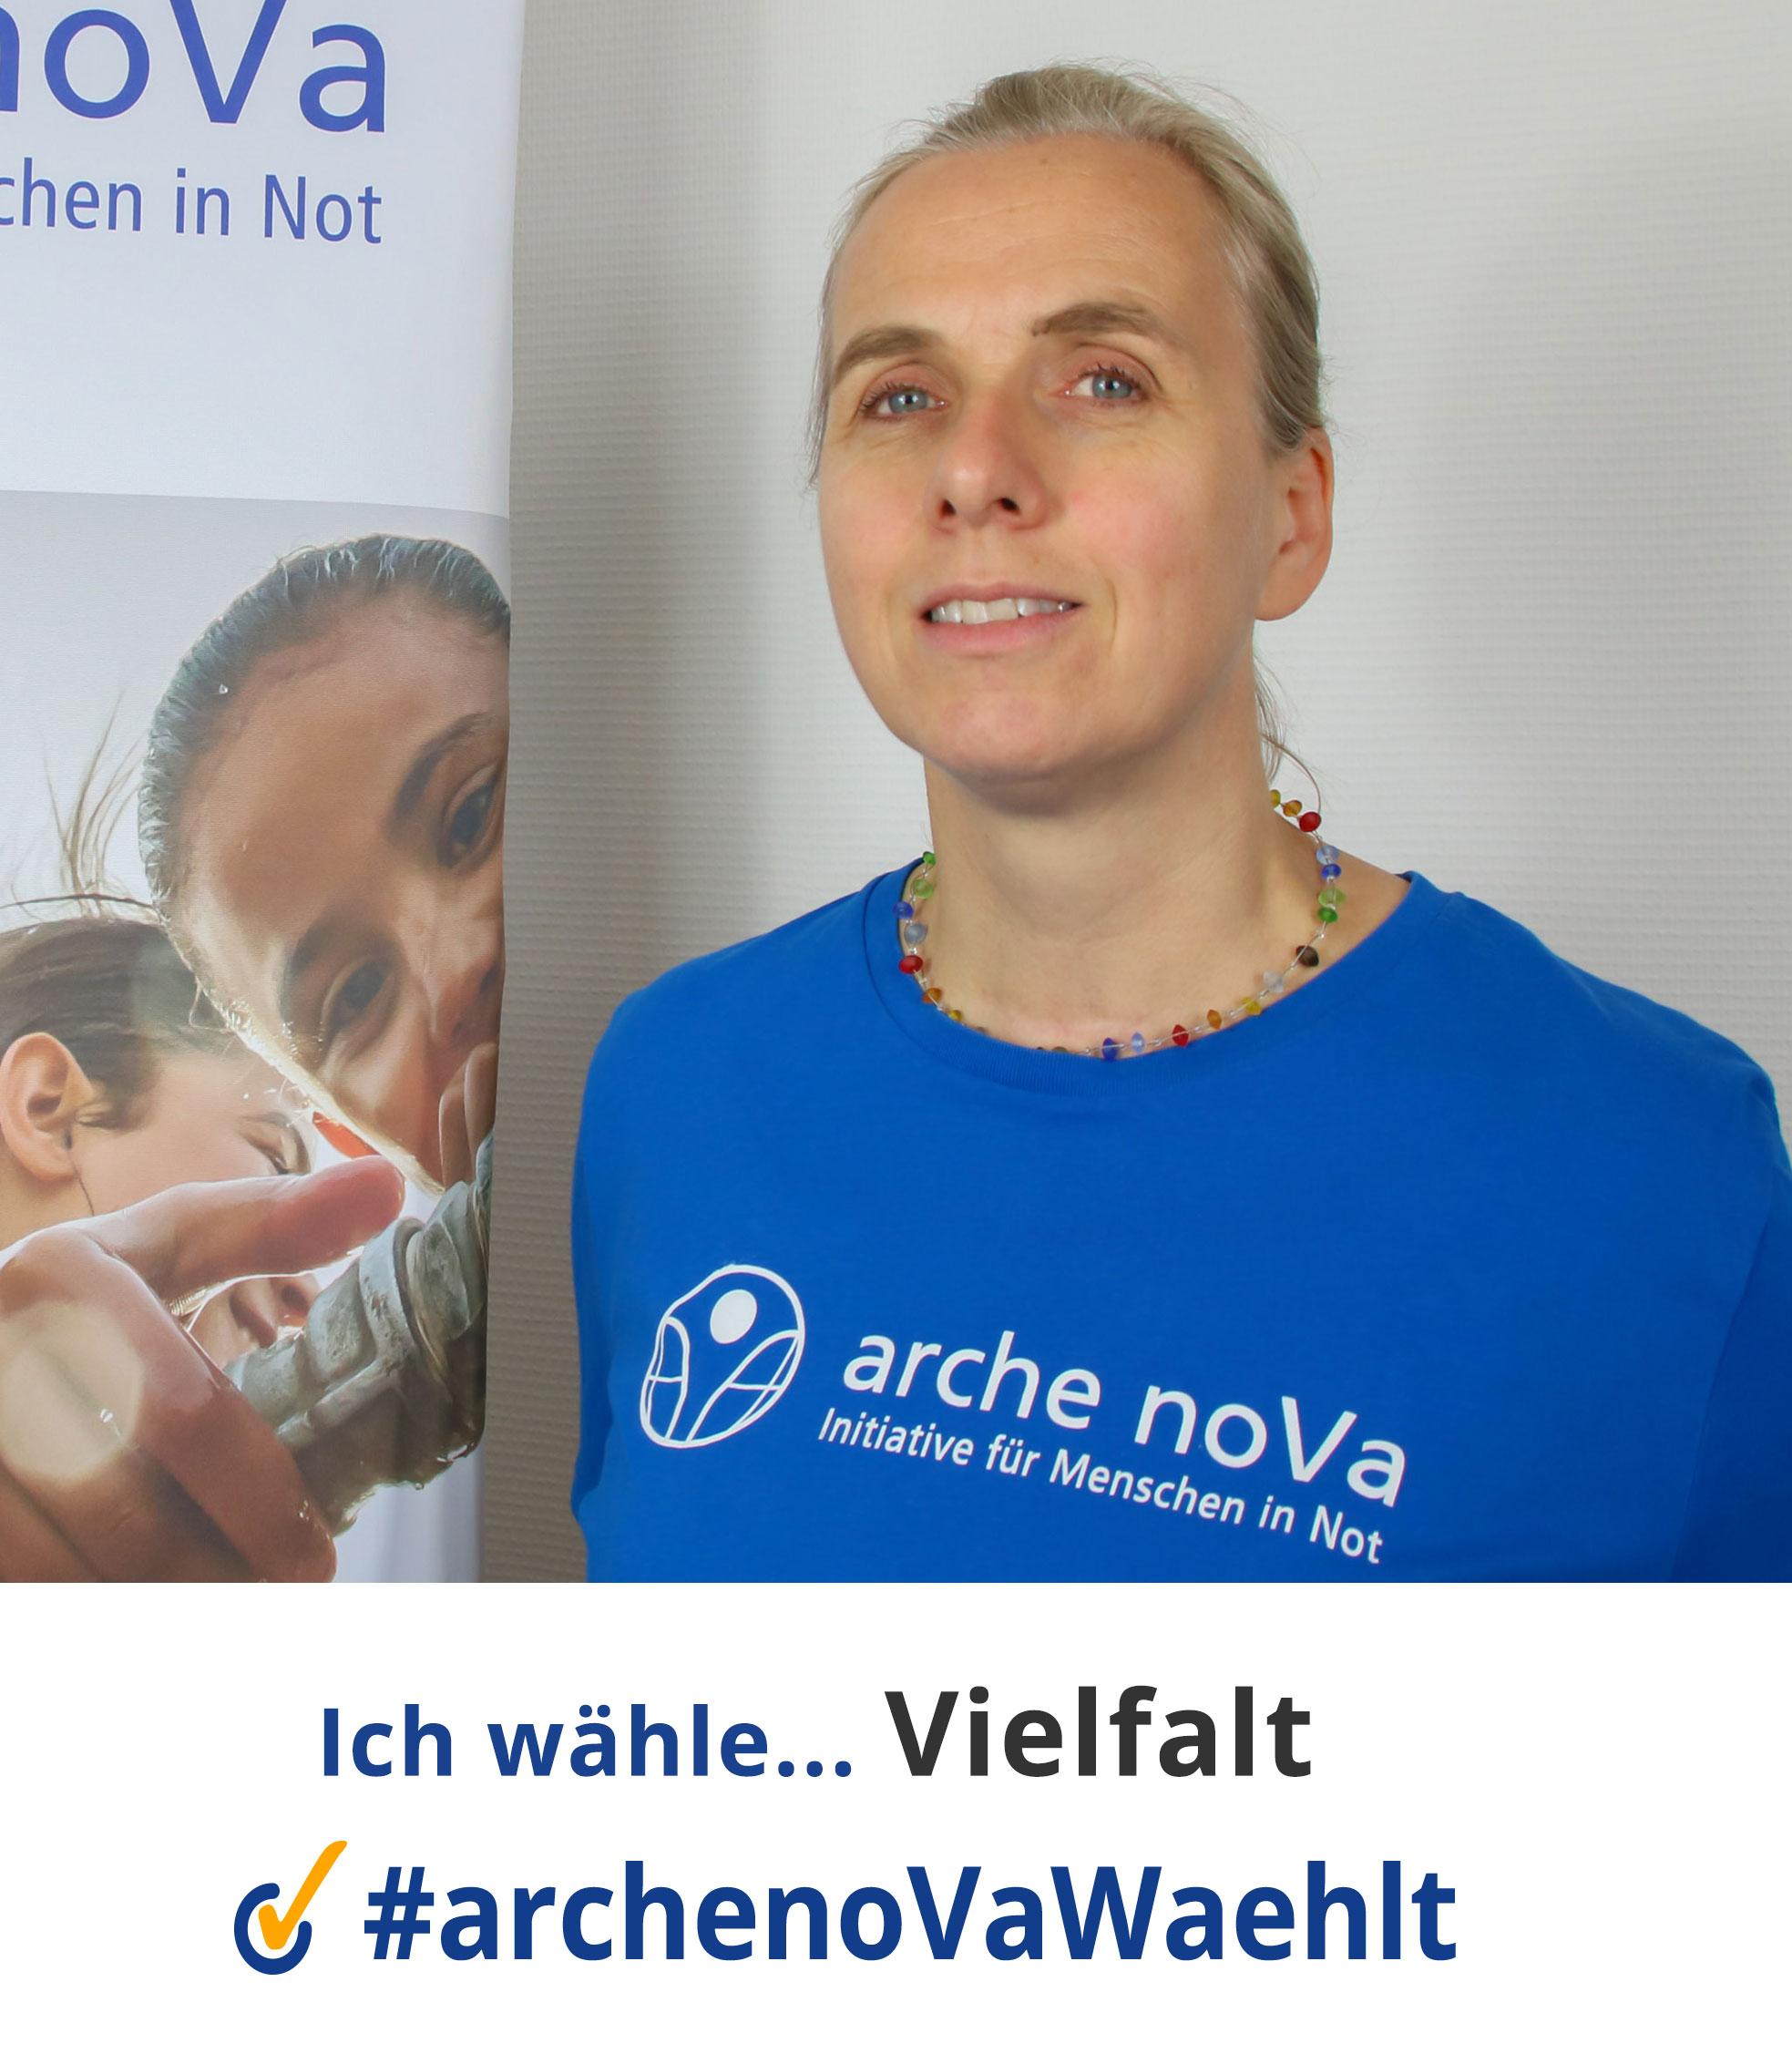 Meike - arche noVa w?hlt zur Landtagswahl in Sachsen 2019